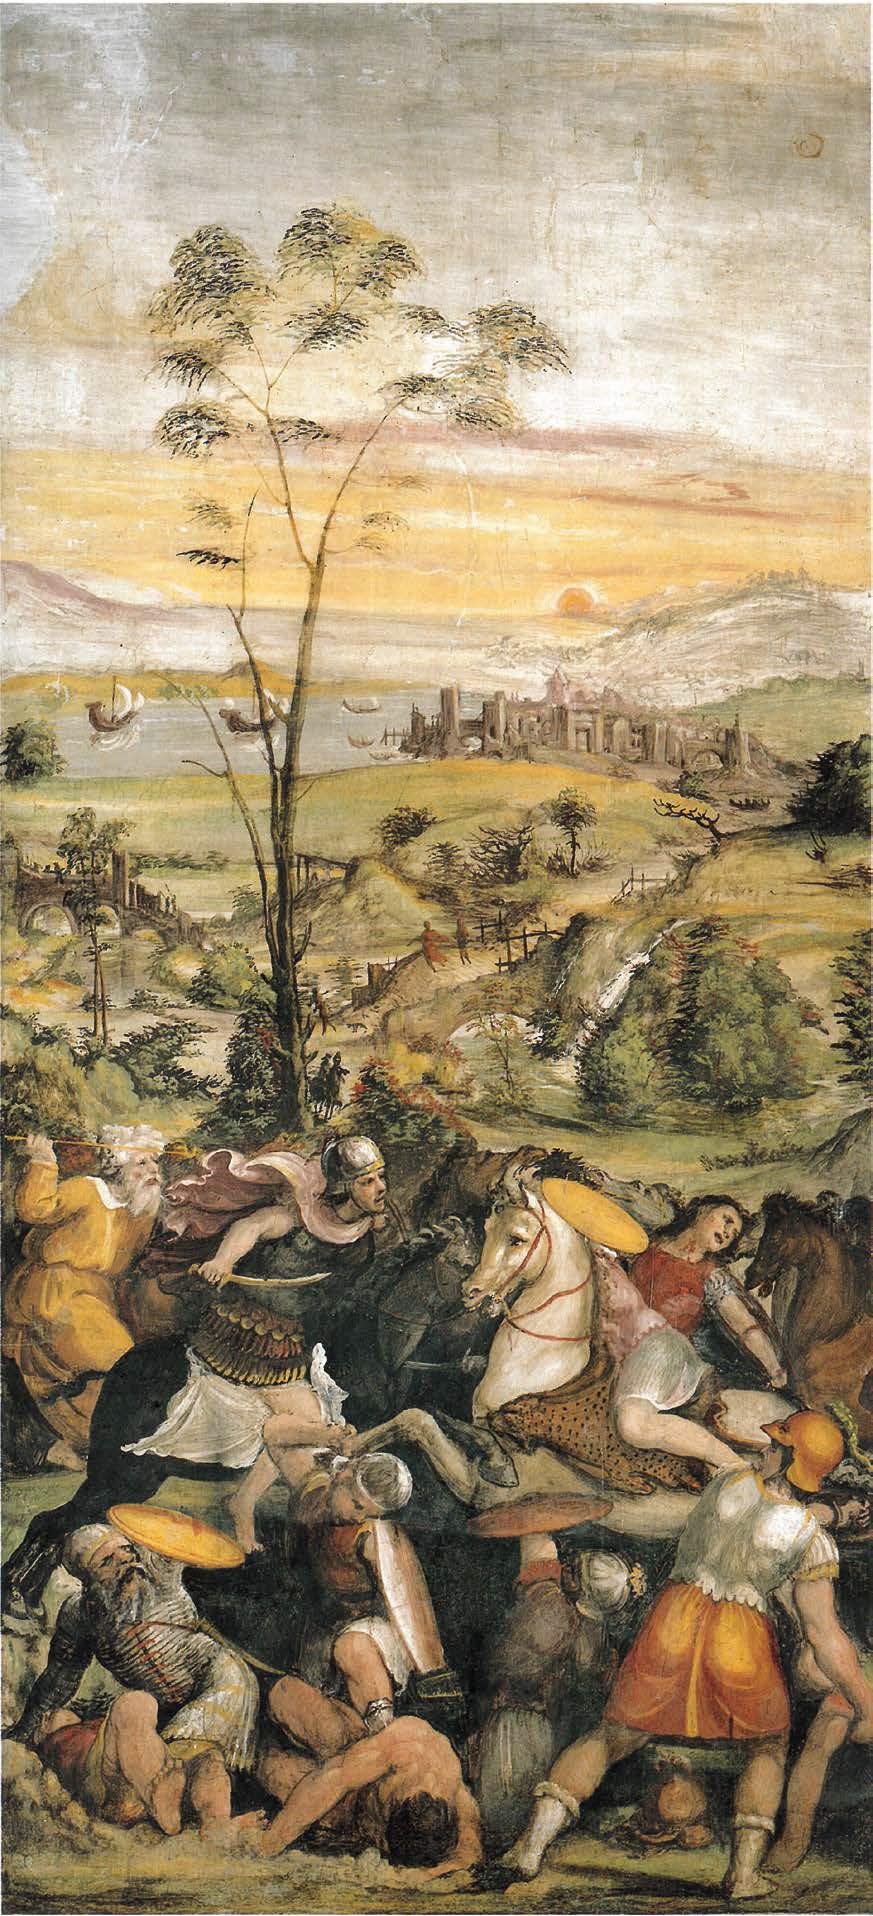 Bartolomeo di David, La battaglia di Isso (1519; pittura murale; Roma, Villa Farnesina)